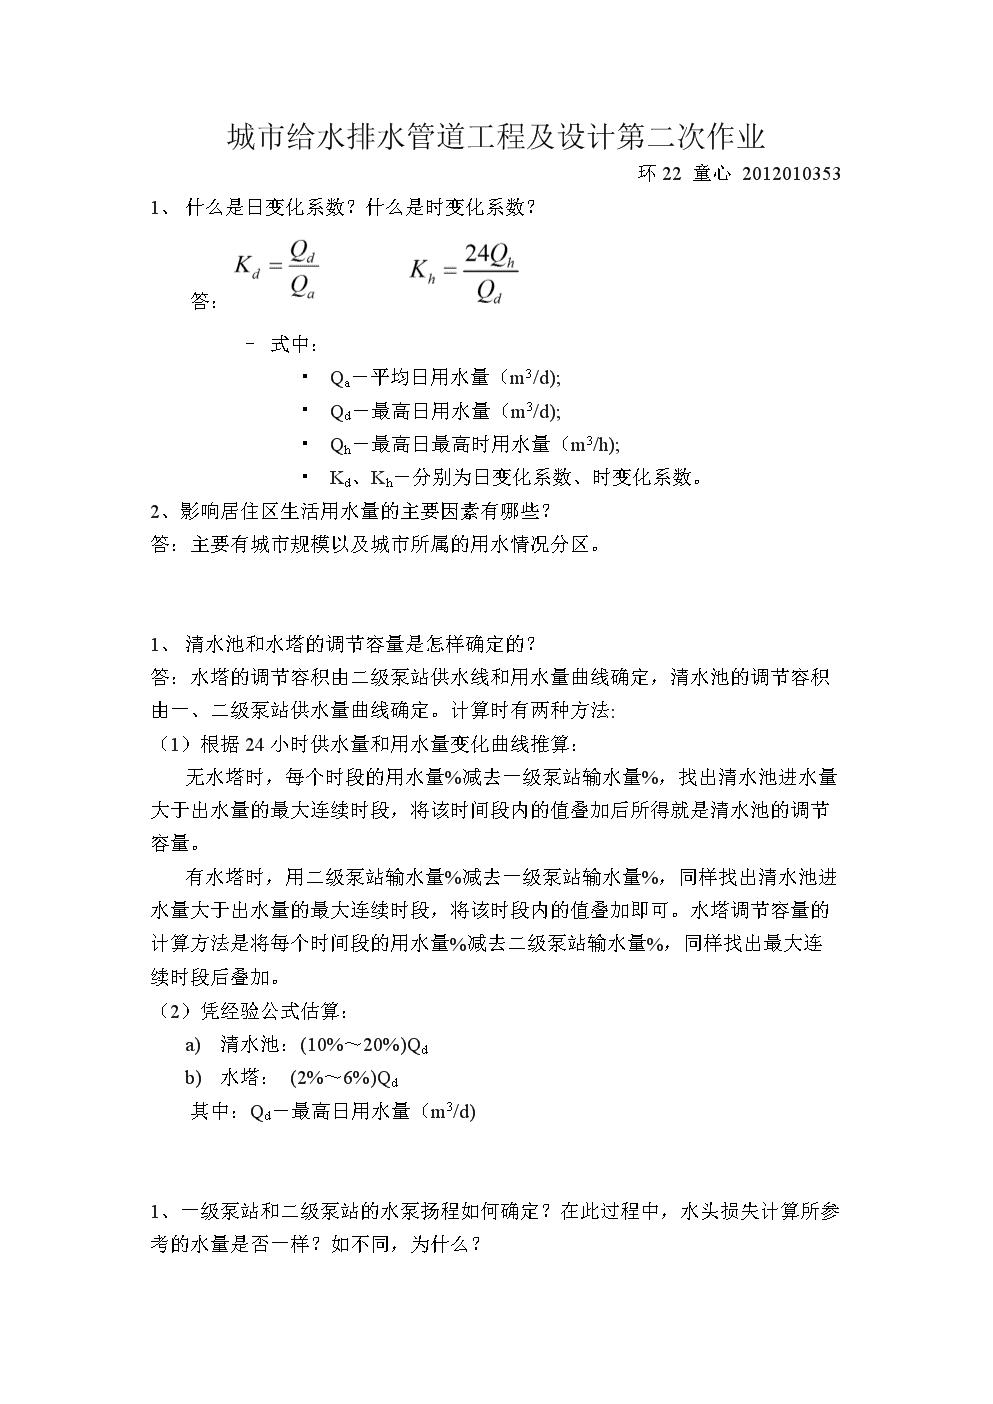 城水作业week1-2展开.docx